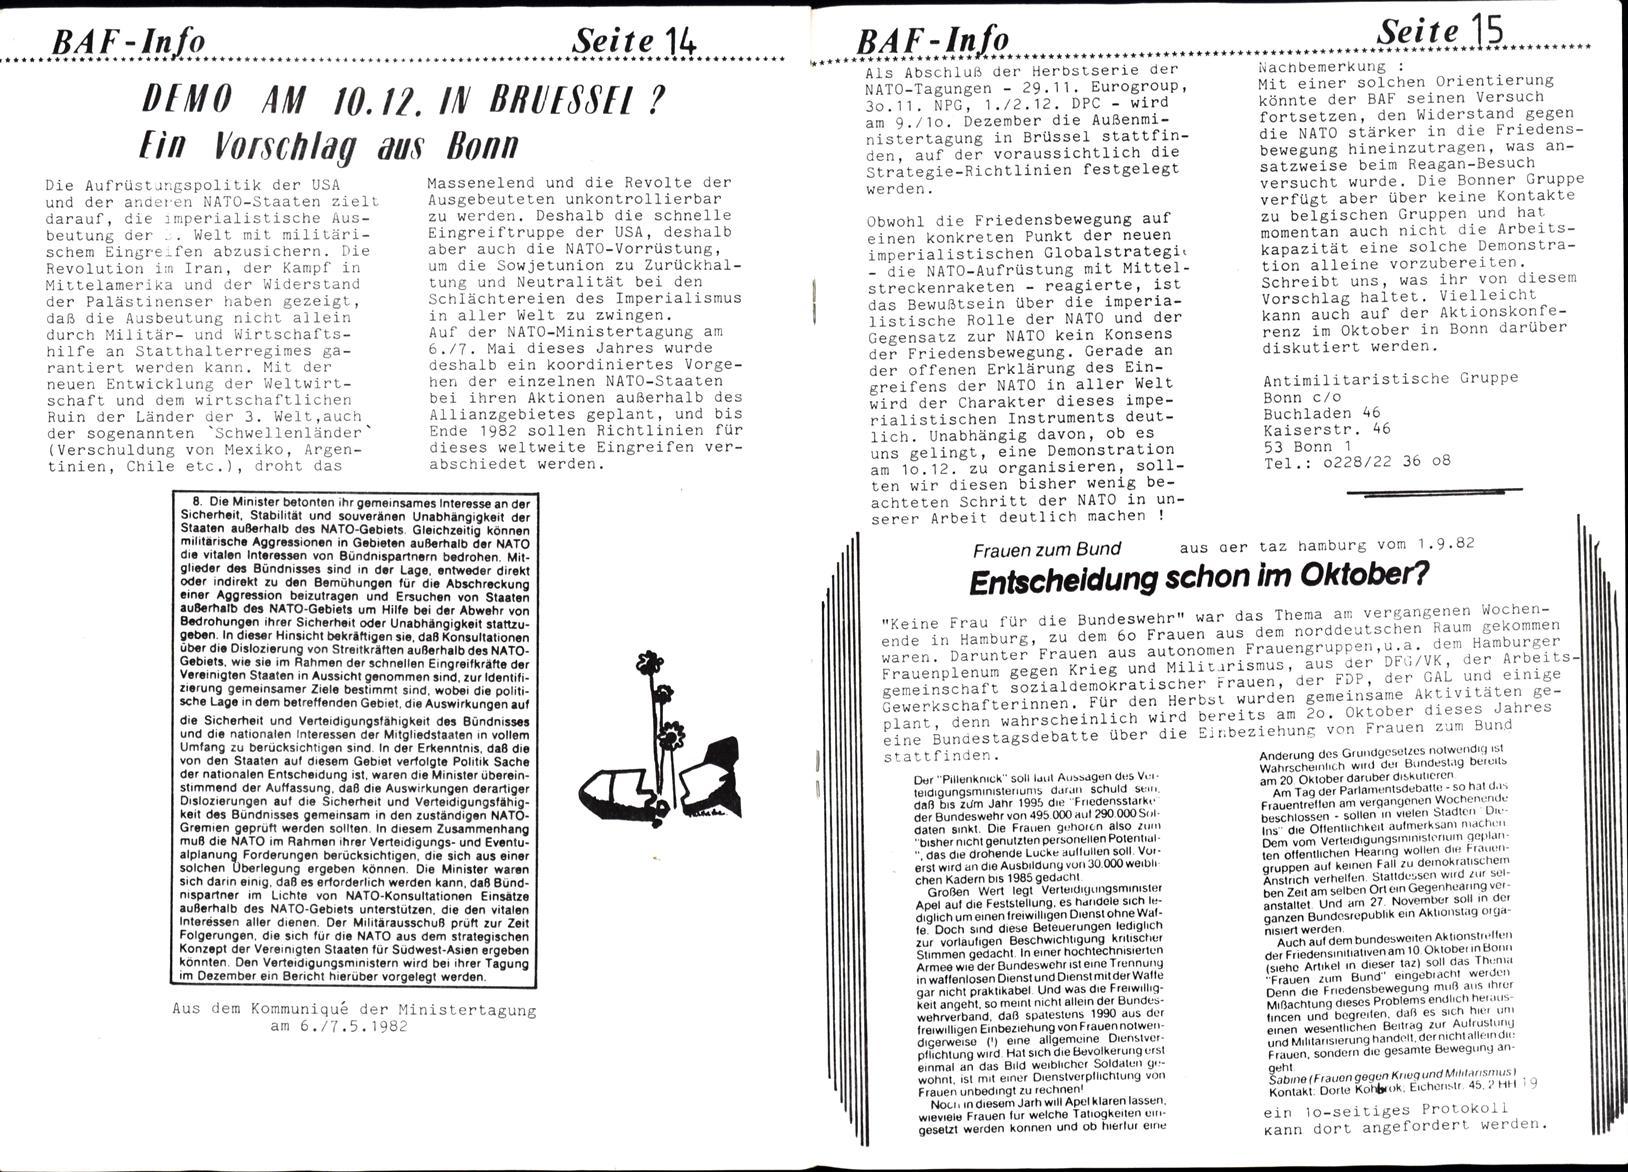 BAF_Info_01_19820900_08